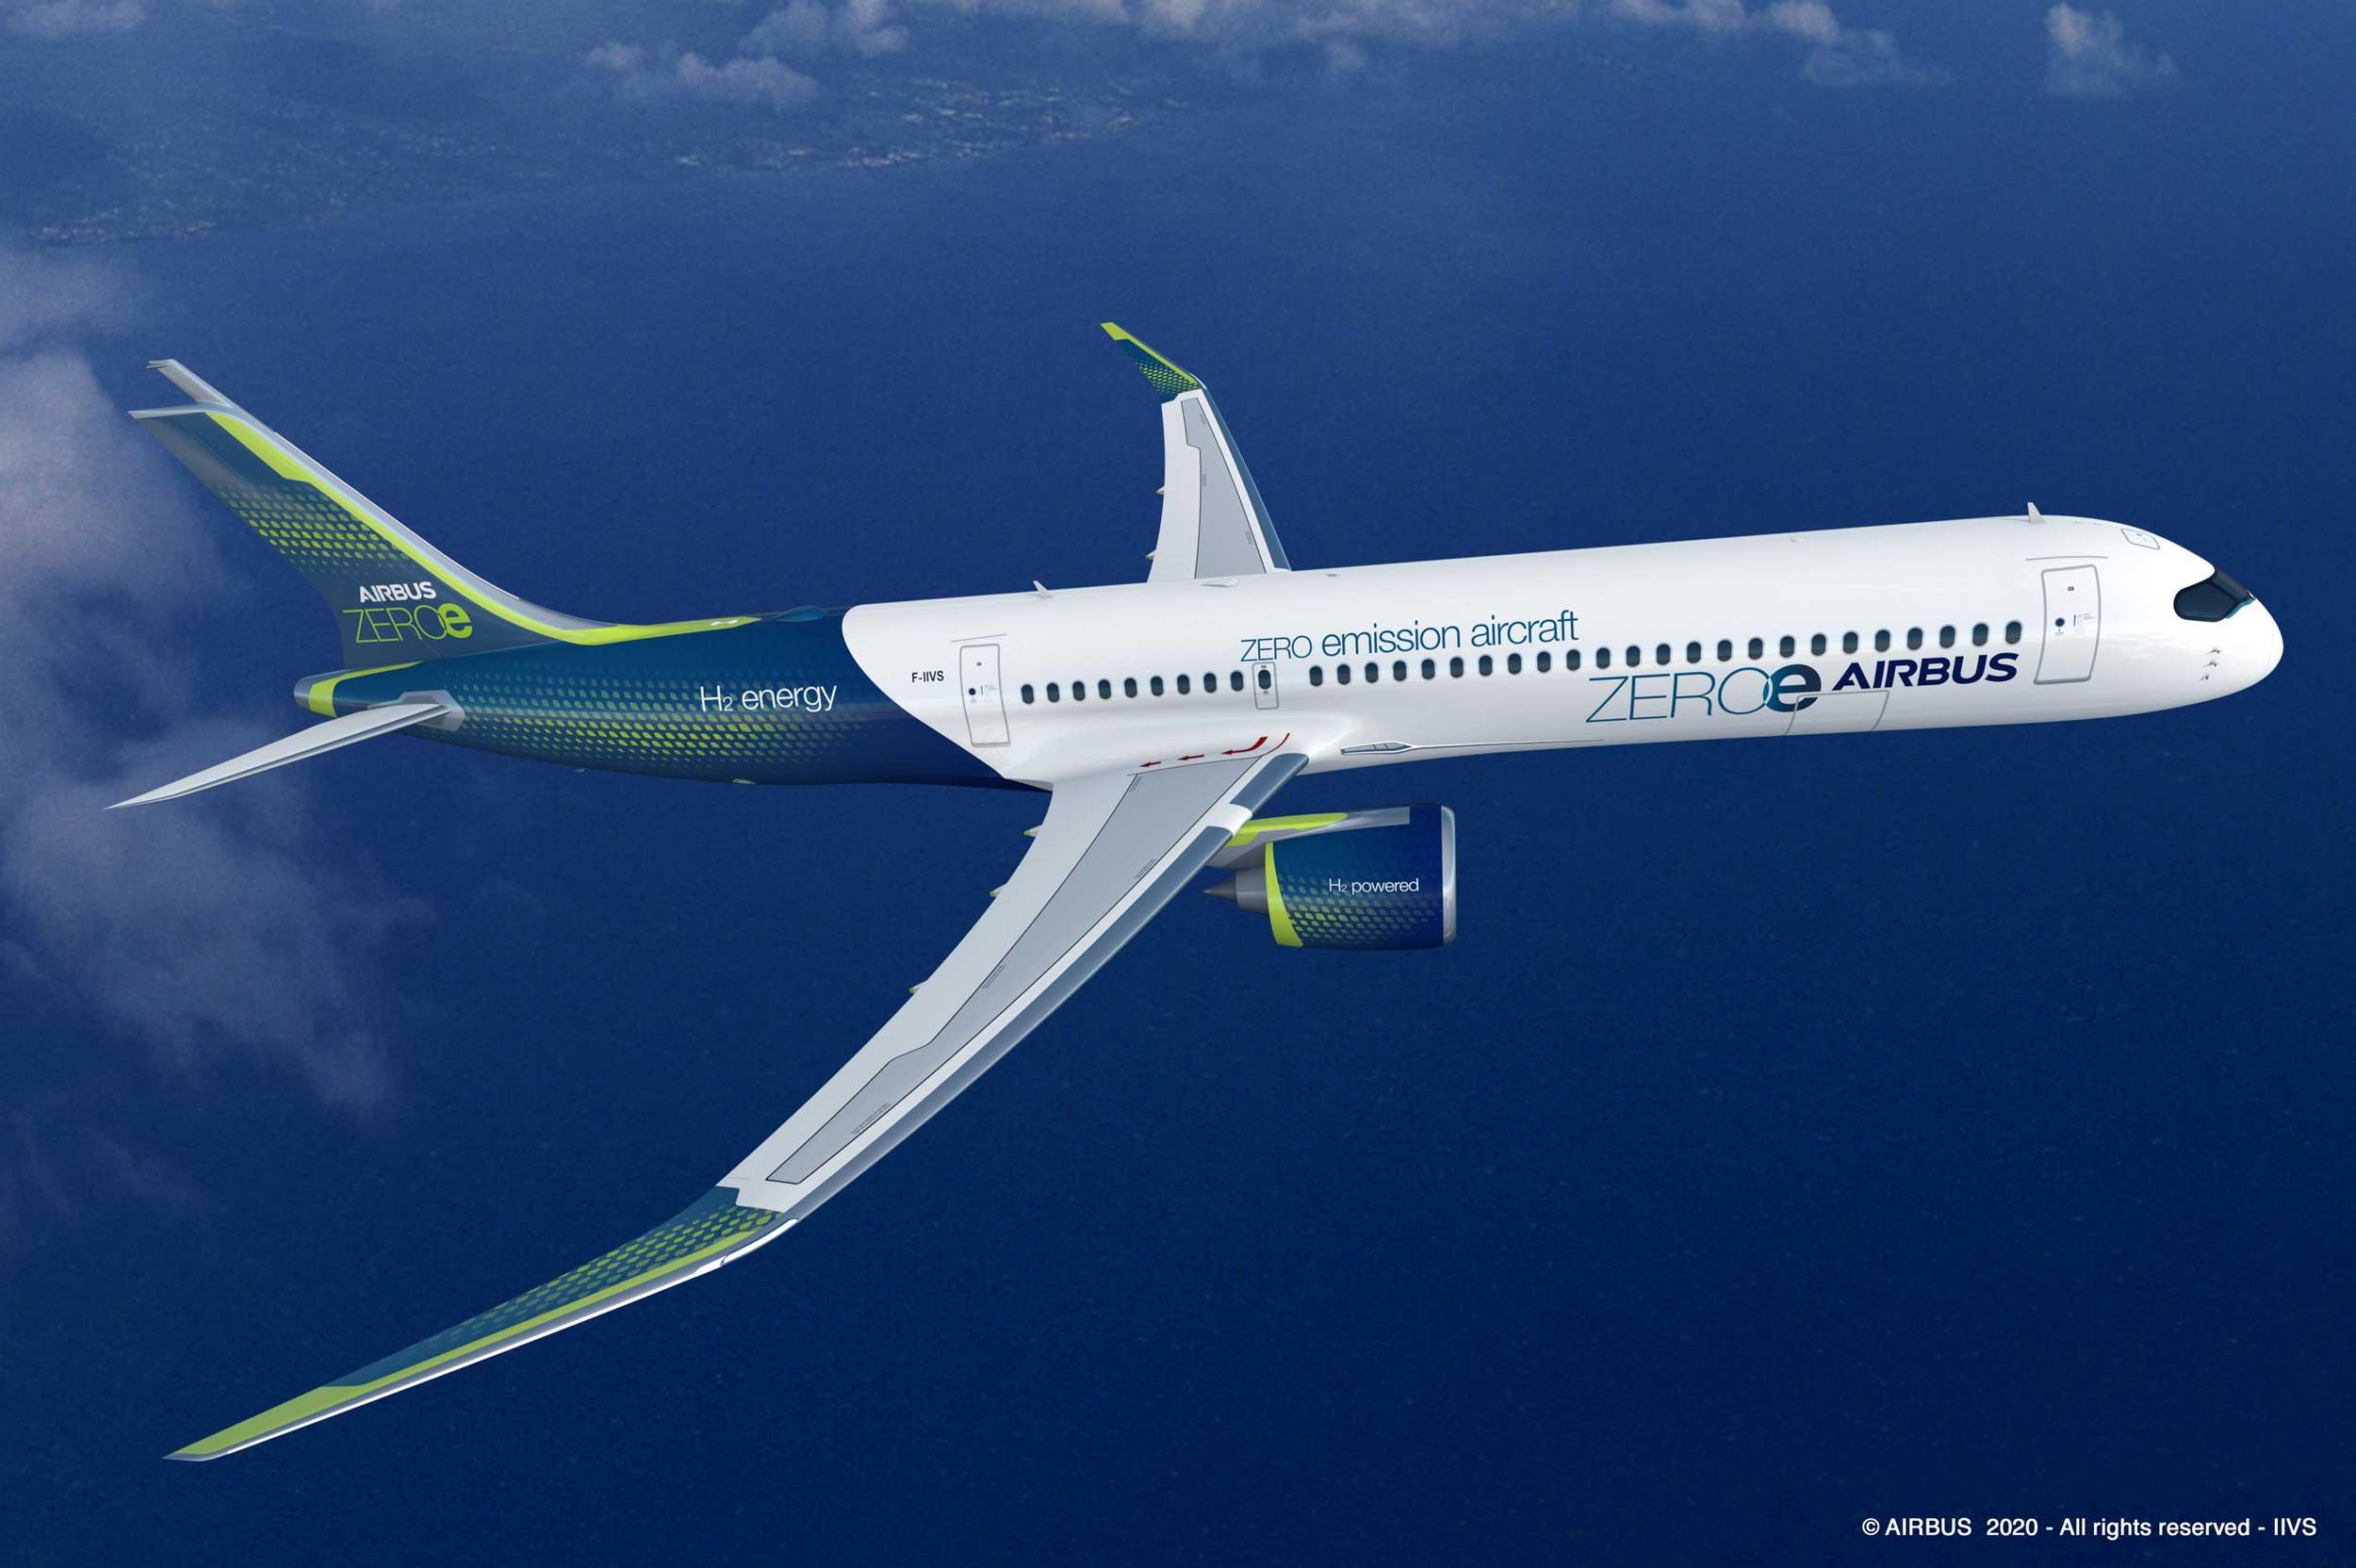 Airbus ZEROe turbofan